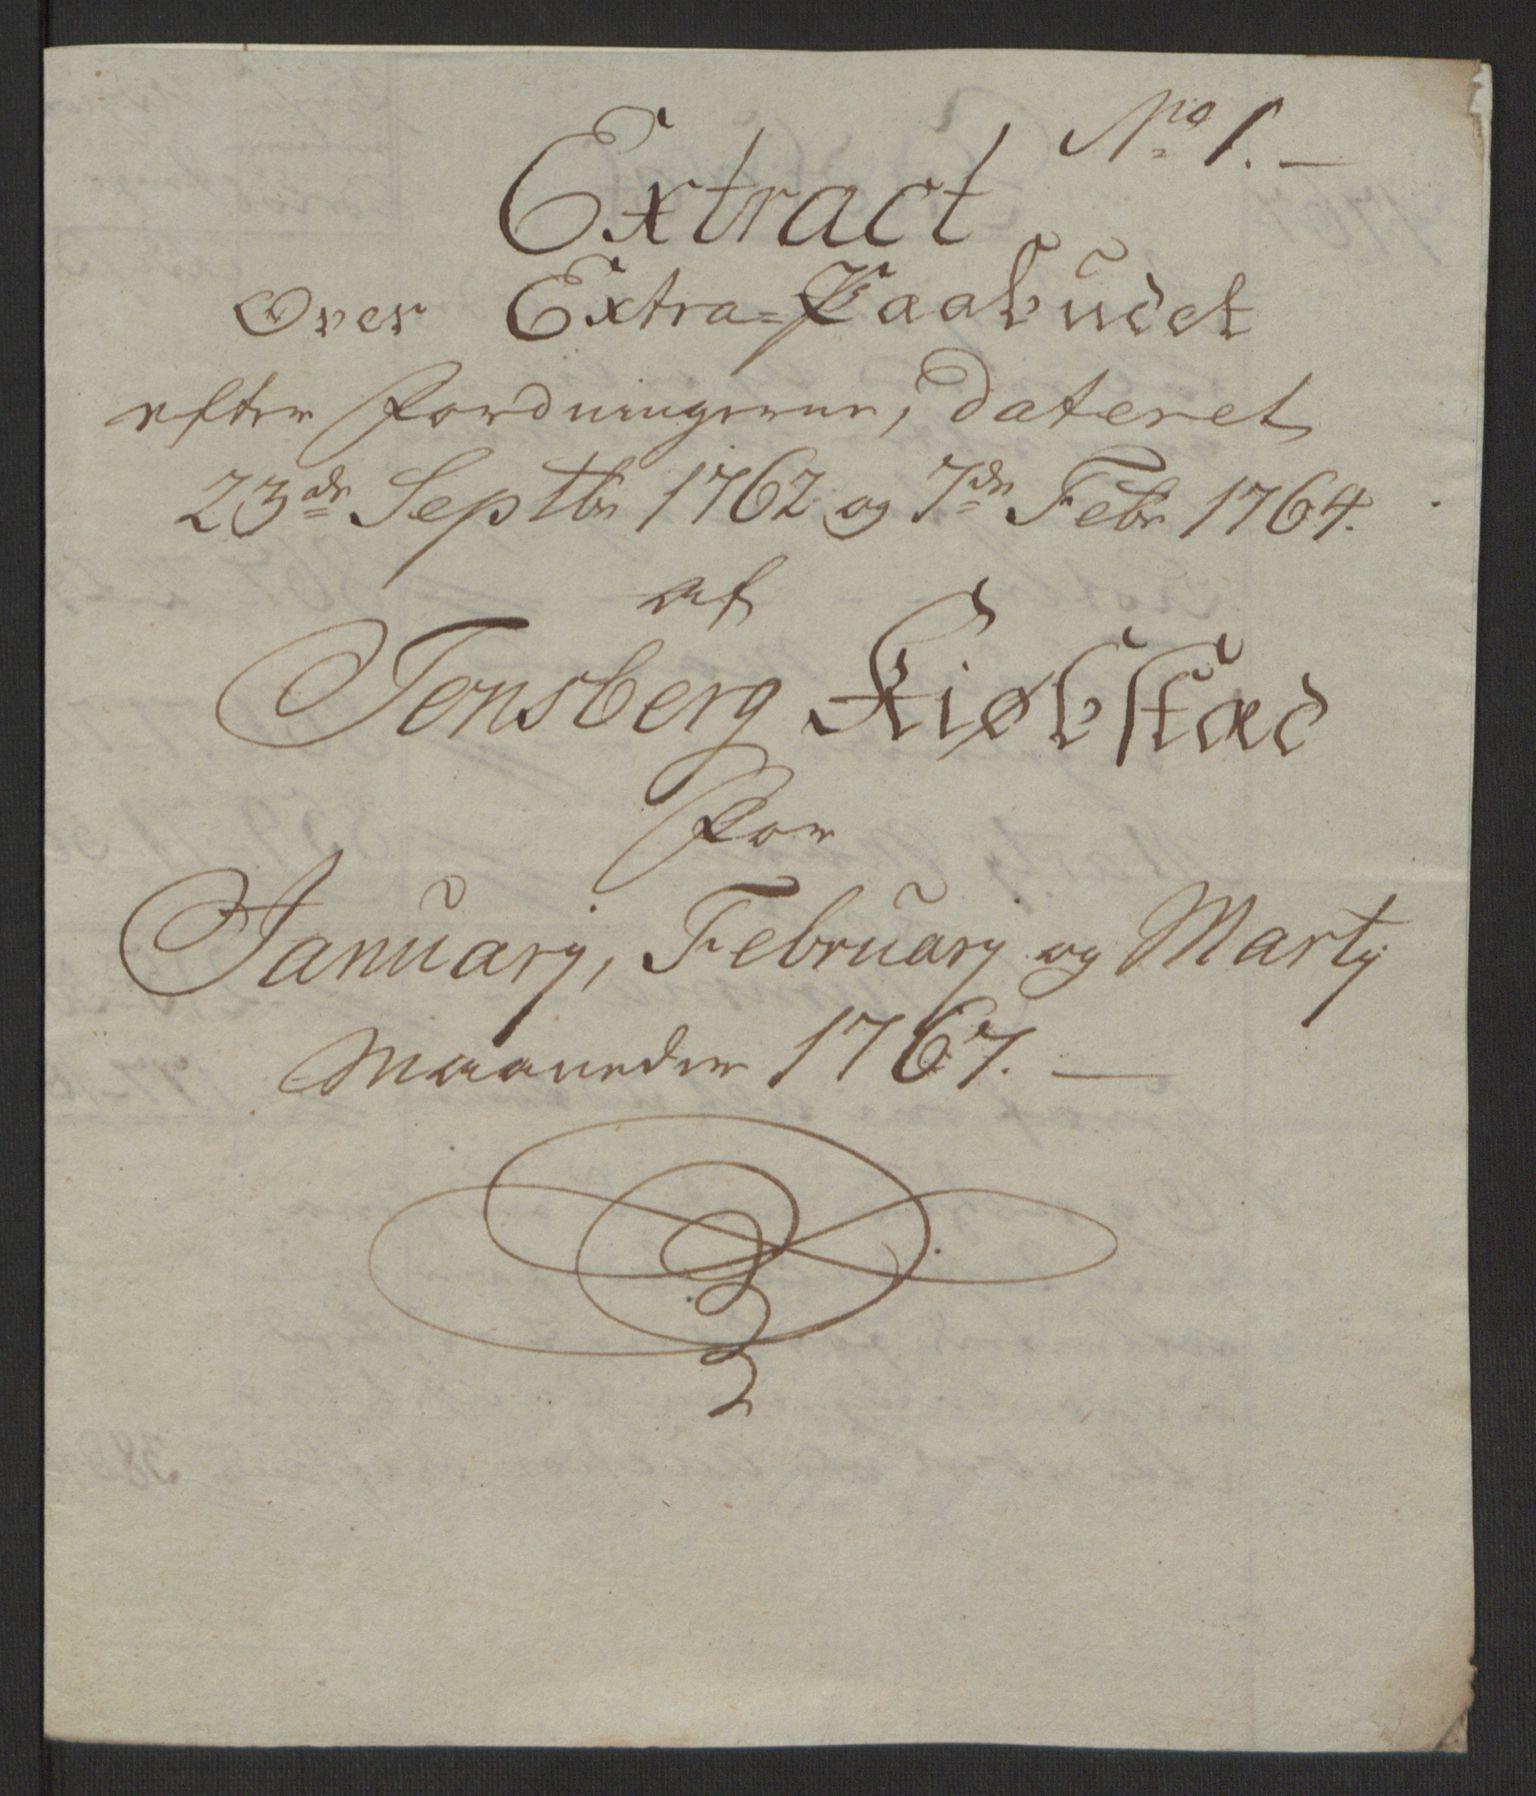 RA, Rentekammeret inntil 1814, Reviderte regnskaper, Byregnskaper, R/Rh/L0162: [H4] Kontribusjonsregnskap, 1762-1772, s. 292